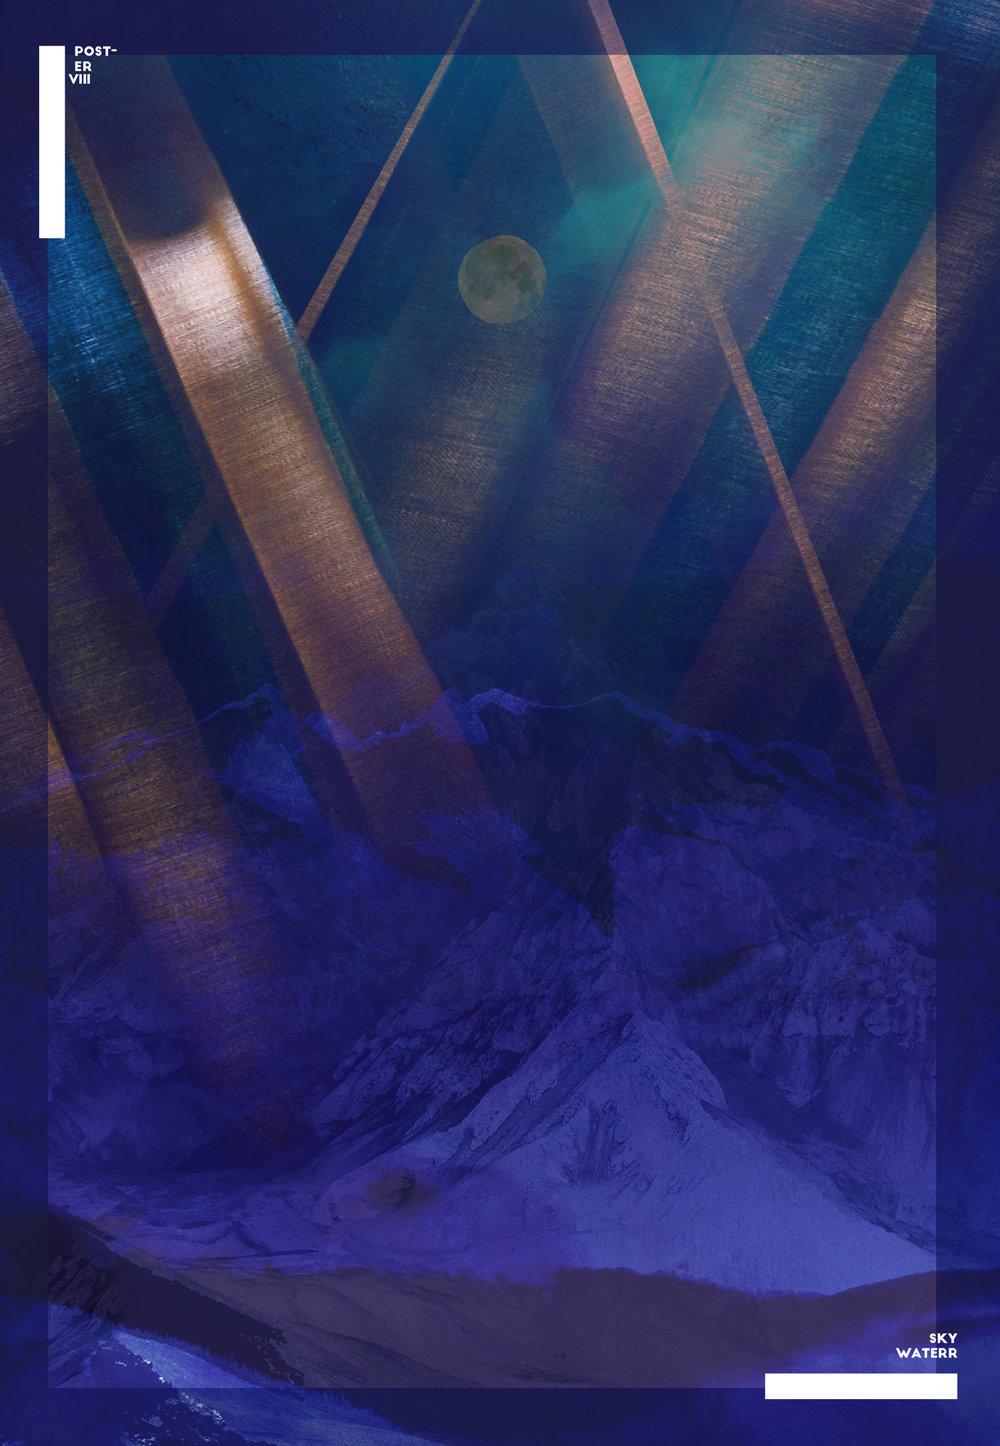 Triangular_Collage_skywaterr.jpg